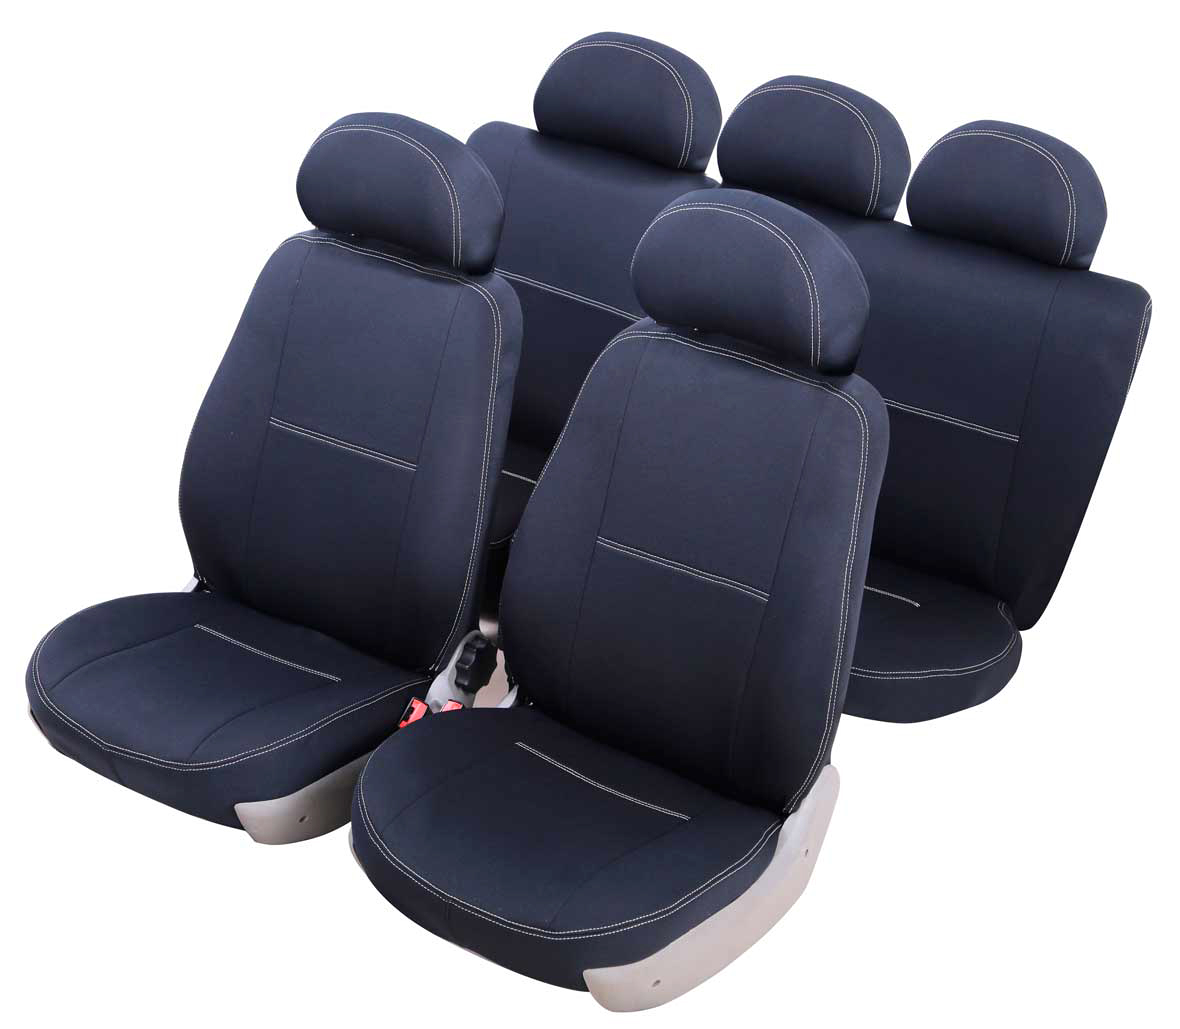 Чехлы на автокресло Azard Standard, для Hyundai Accent (2000-2012 гг), седан, цвет: черныйВетерок 2ГФМодельные чехлы из полиэстера Azard Standard. Разработаны в РФ индивидуально для каждого автомобиля.Чехлы Azard Standard серийно выпускаются на собственном швейном производстве в России.Чехлы идеально повторяют штатную форму сидений и выглядят как оригинальная обивка сидений. Для простоты установки используется липучка Velcro, учтены все технологические отверстия.Чехлы сохраняют полную функциональность салона – трасформация сидений, возможность установки детских кресел ISOFIX, не препятствуют работе подушек безопасности AIRBAG и подогрева сидений.Дизайн чехлов Azard Standard приближен к оригинальной обивке салона. Декоративная контрастная прострочка по периметру авточехлов придает стильный и изысканный внешний вид интерьеру автомобиля.Чехлы Azard Standard изготовлены из полиэстера, триплированного огнеупорным поролоном толщиной 3 мм, за счет чего чехол приобретает дополнительную мягкость. Подложка из спандбонда сохраняет свойства поролона и предотвращает его разрушение.Авточехлы Azard Standard просты в уходе – загрязнения легко удаляются влажной тканью.